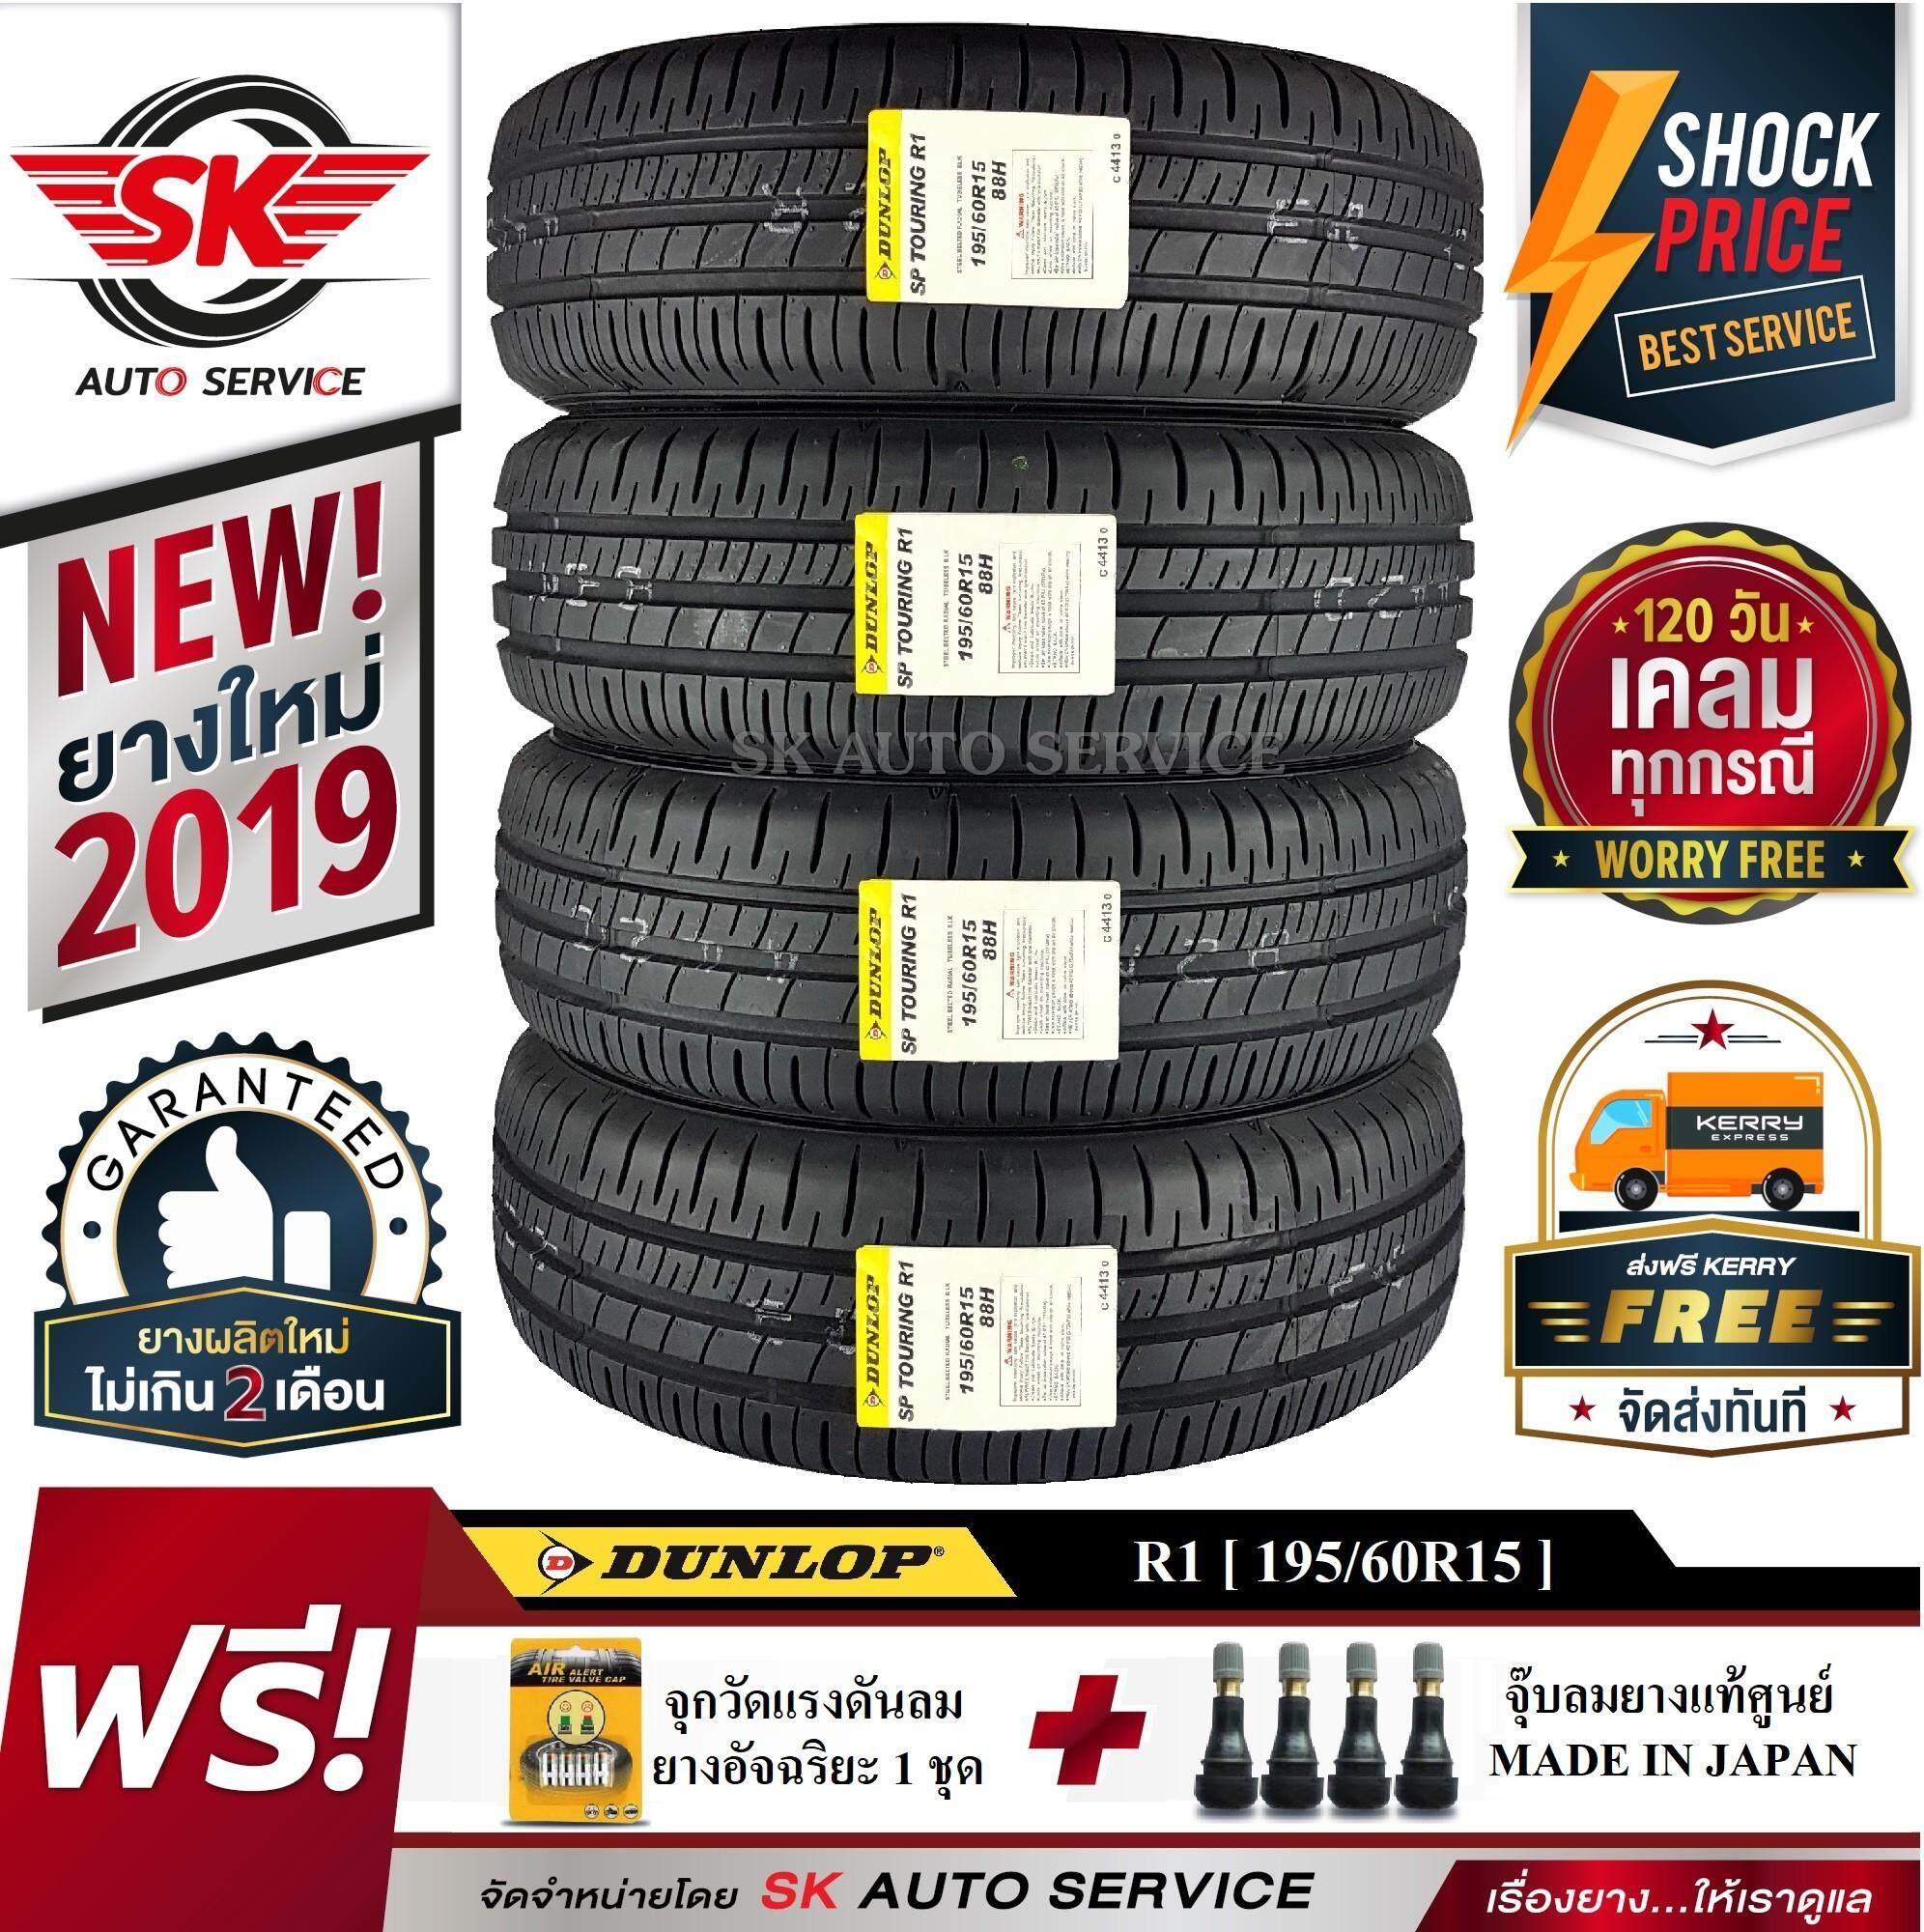 ประกันภัย รถยนต์ 2+ ชัยนาท ยางรถยนต์ DUNLOP 195/60R15 (เก๋งล้อขอบ15) รุ่น SP TOURING R1 4 เส้น (ล๊อตใหม่ปี 2019)